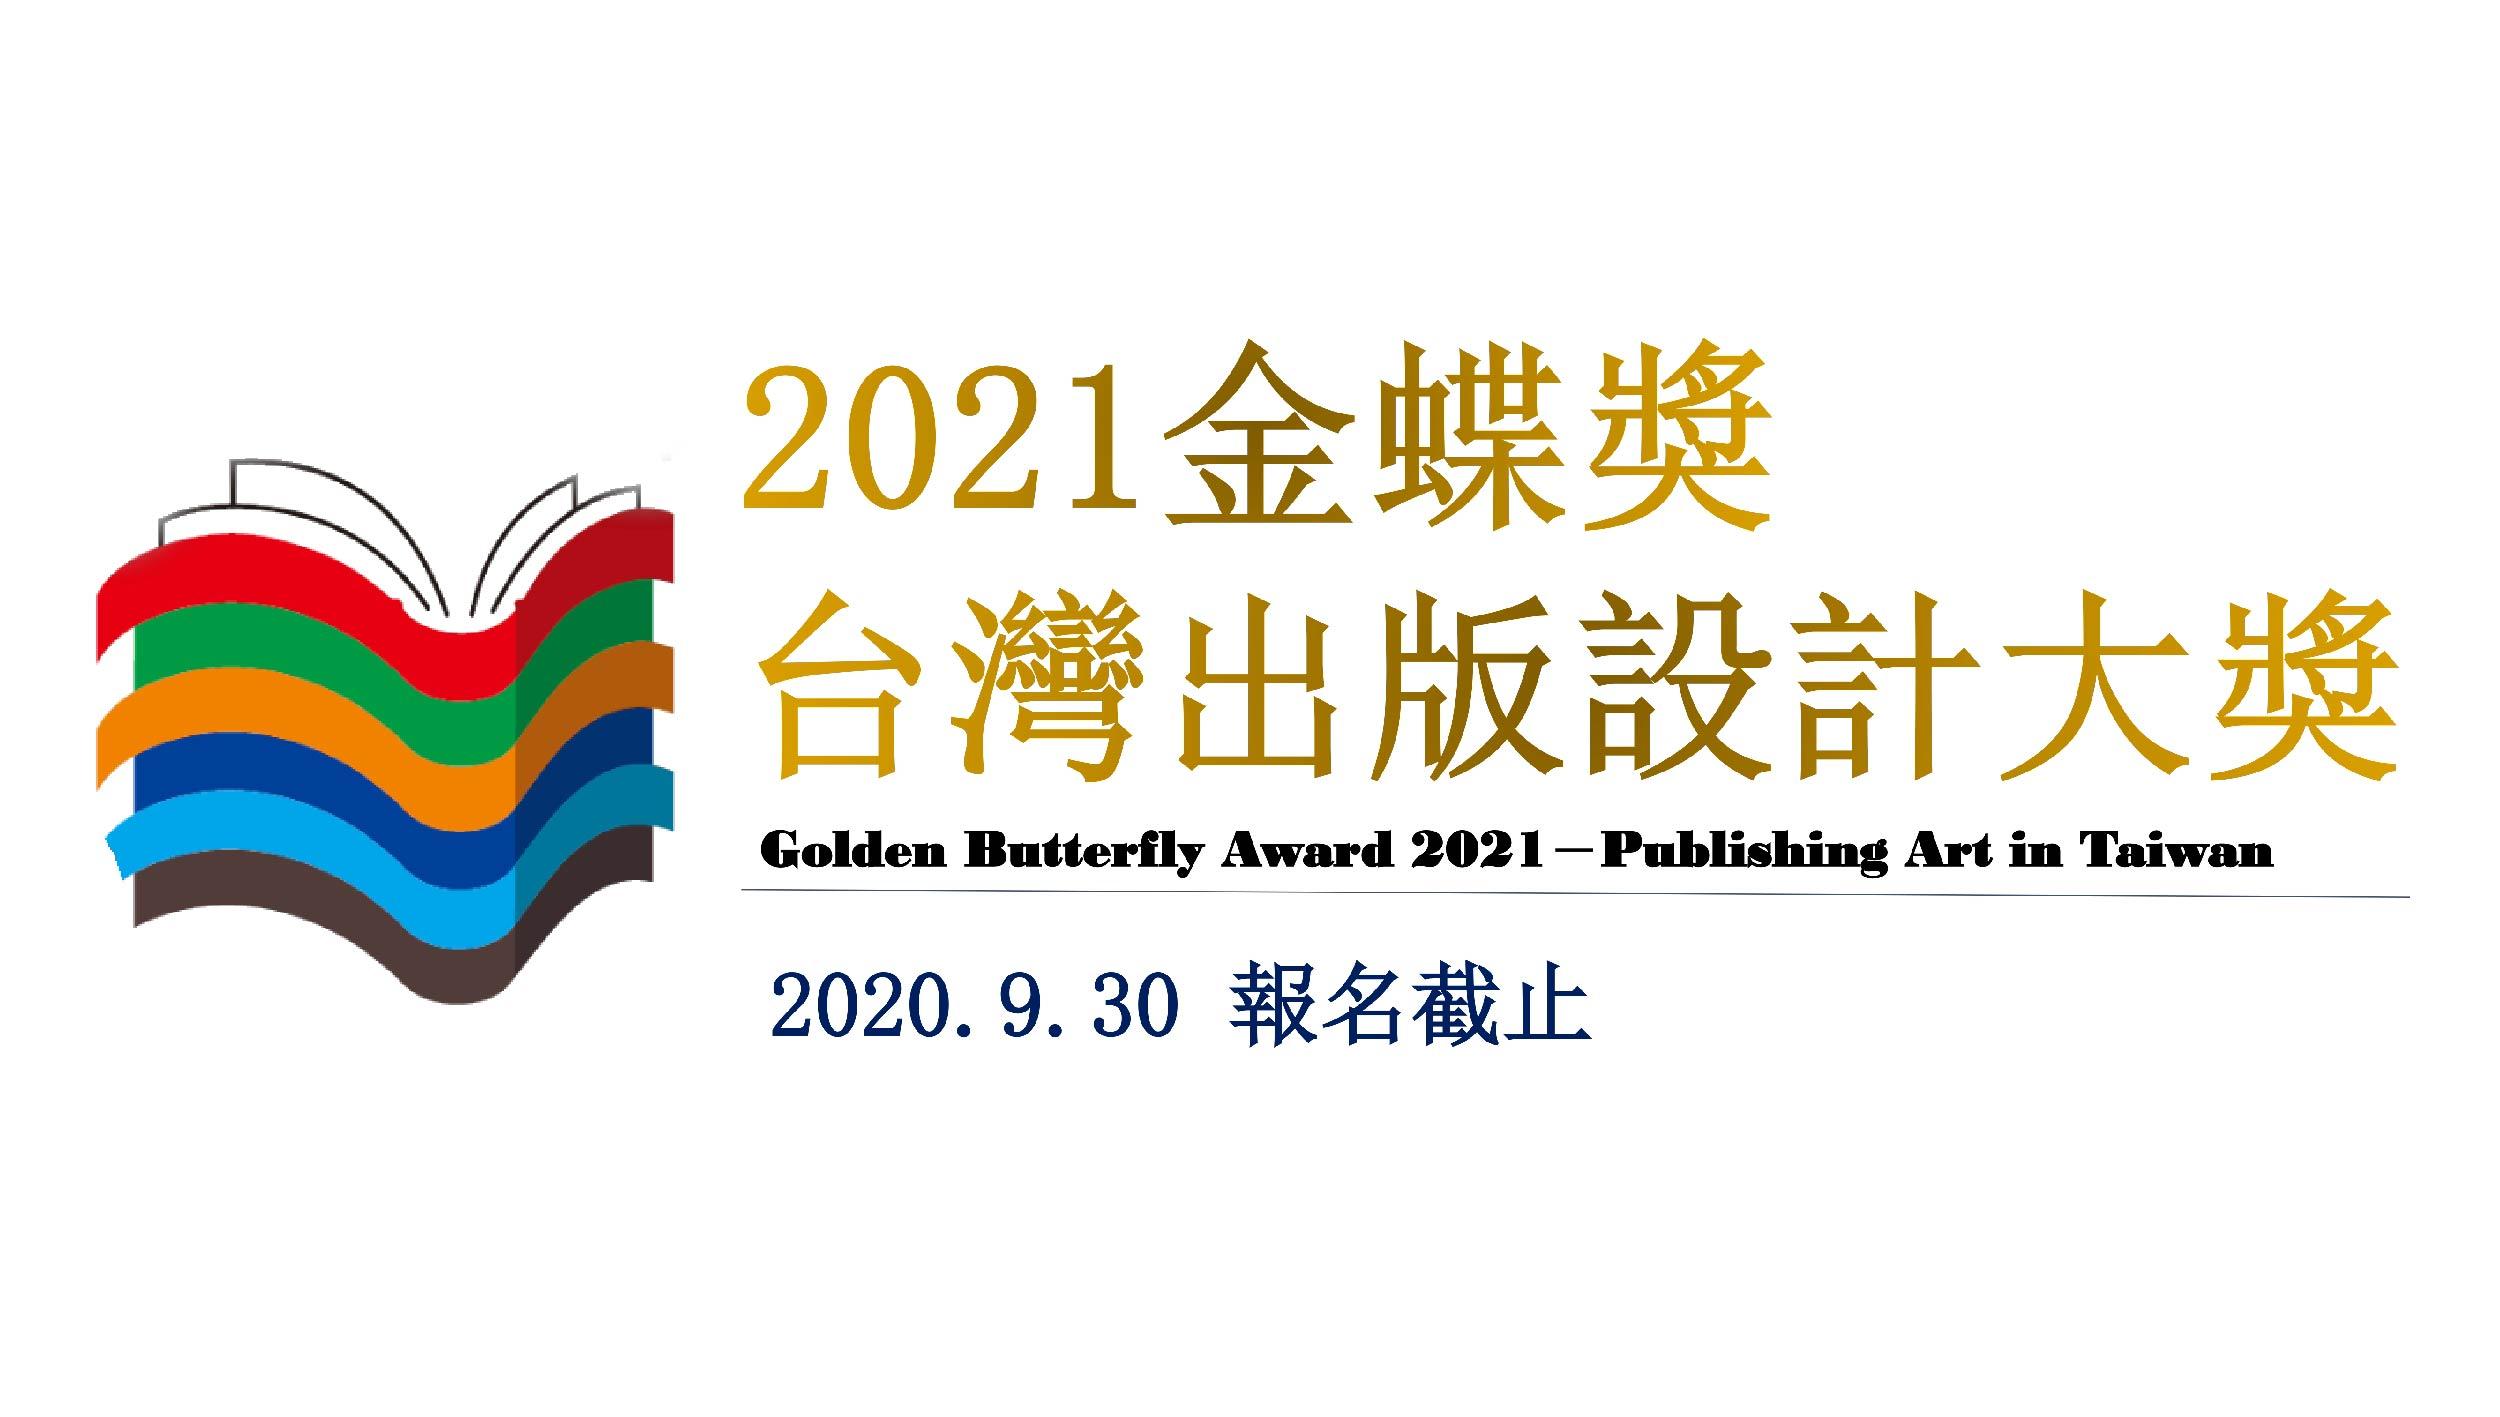 2021第17屆「金蝶獎」台灣出版設計大獎開始徵件!